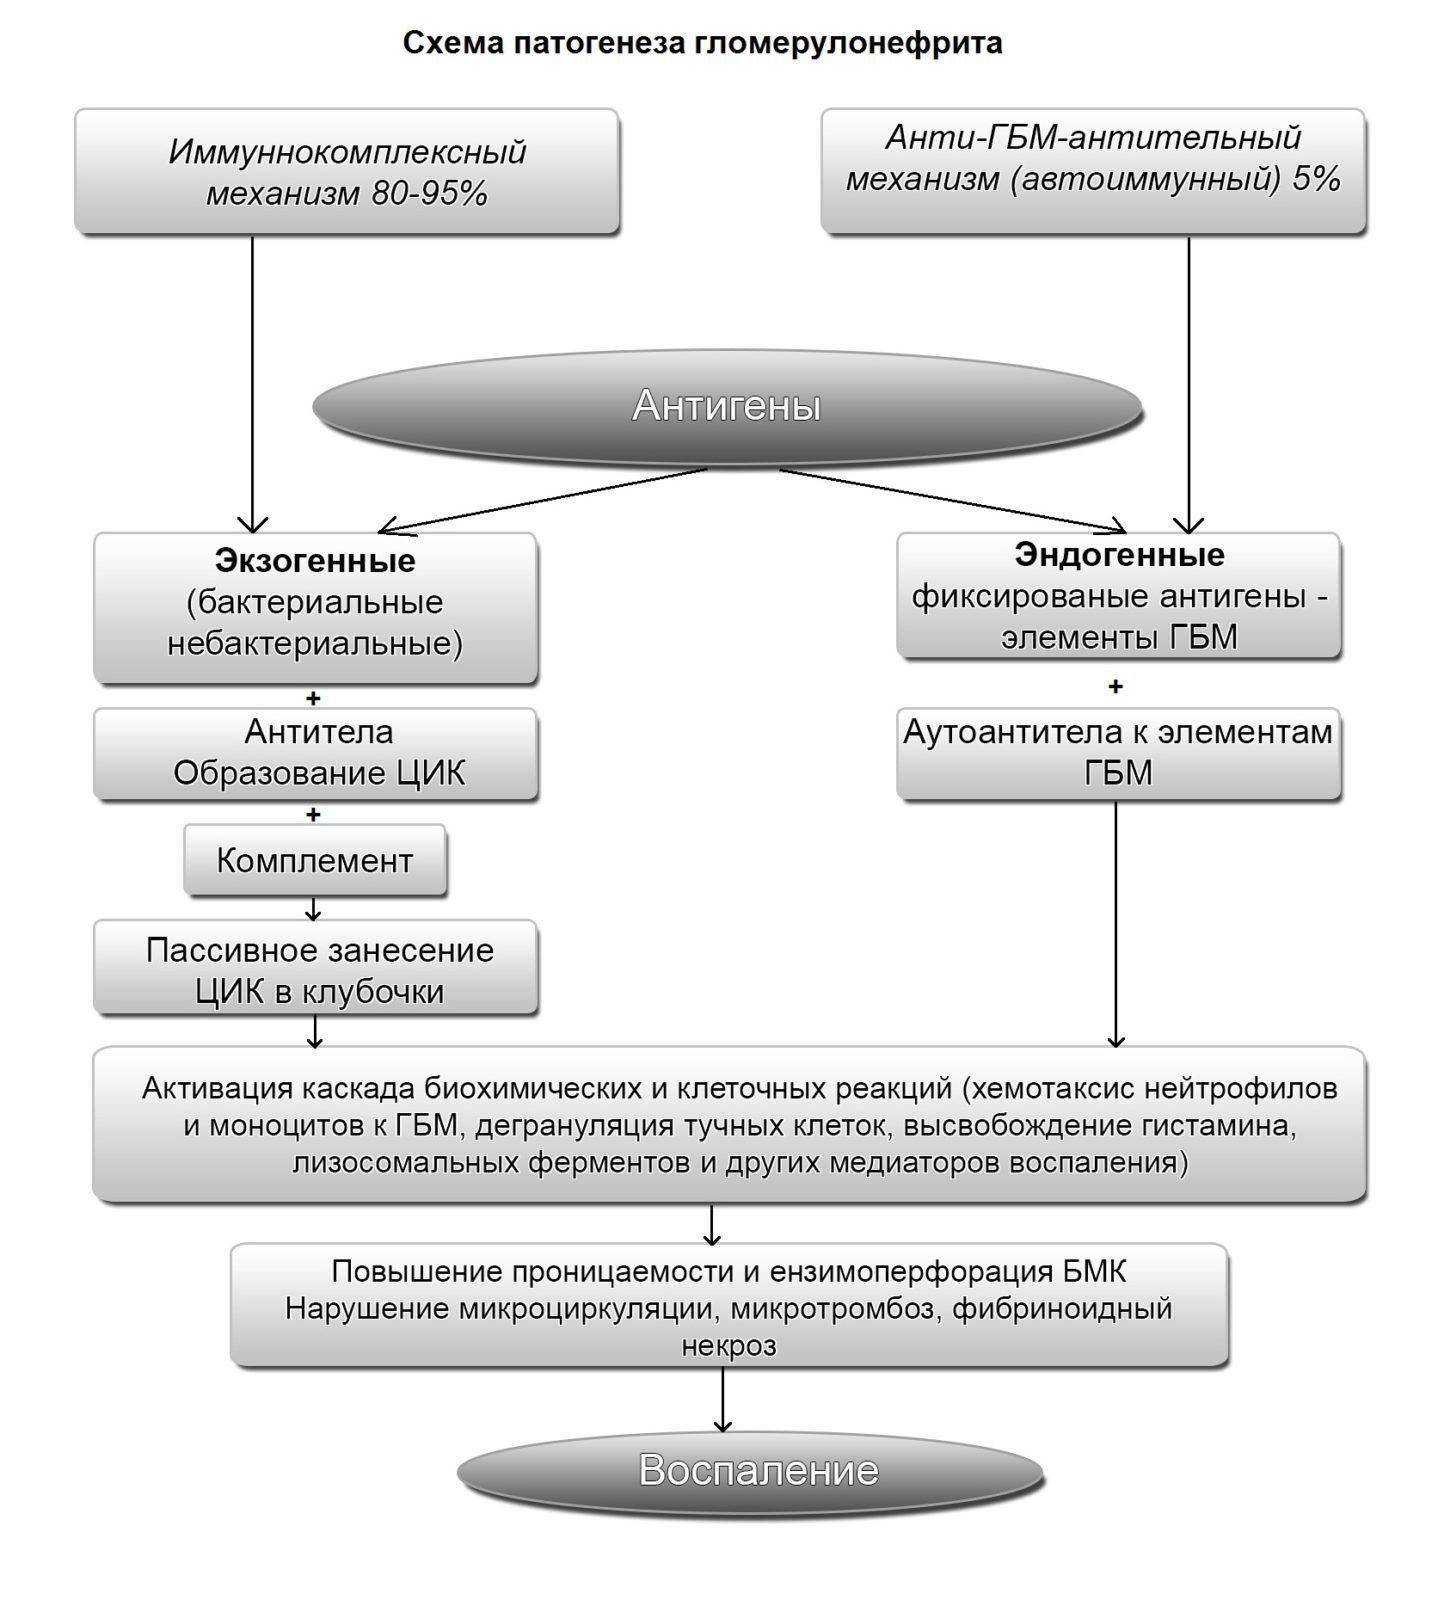 классификация и патогенез